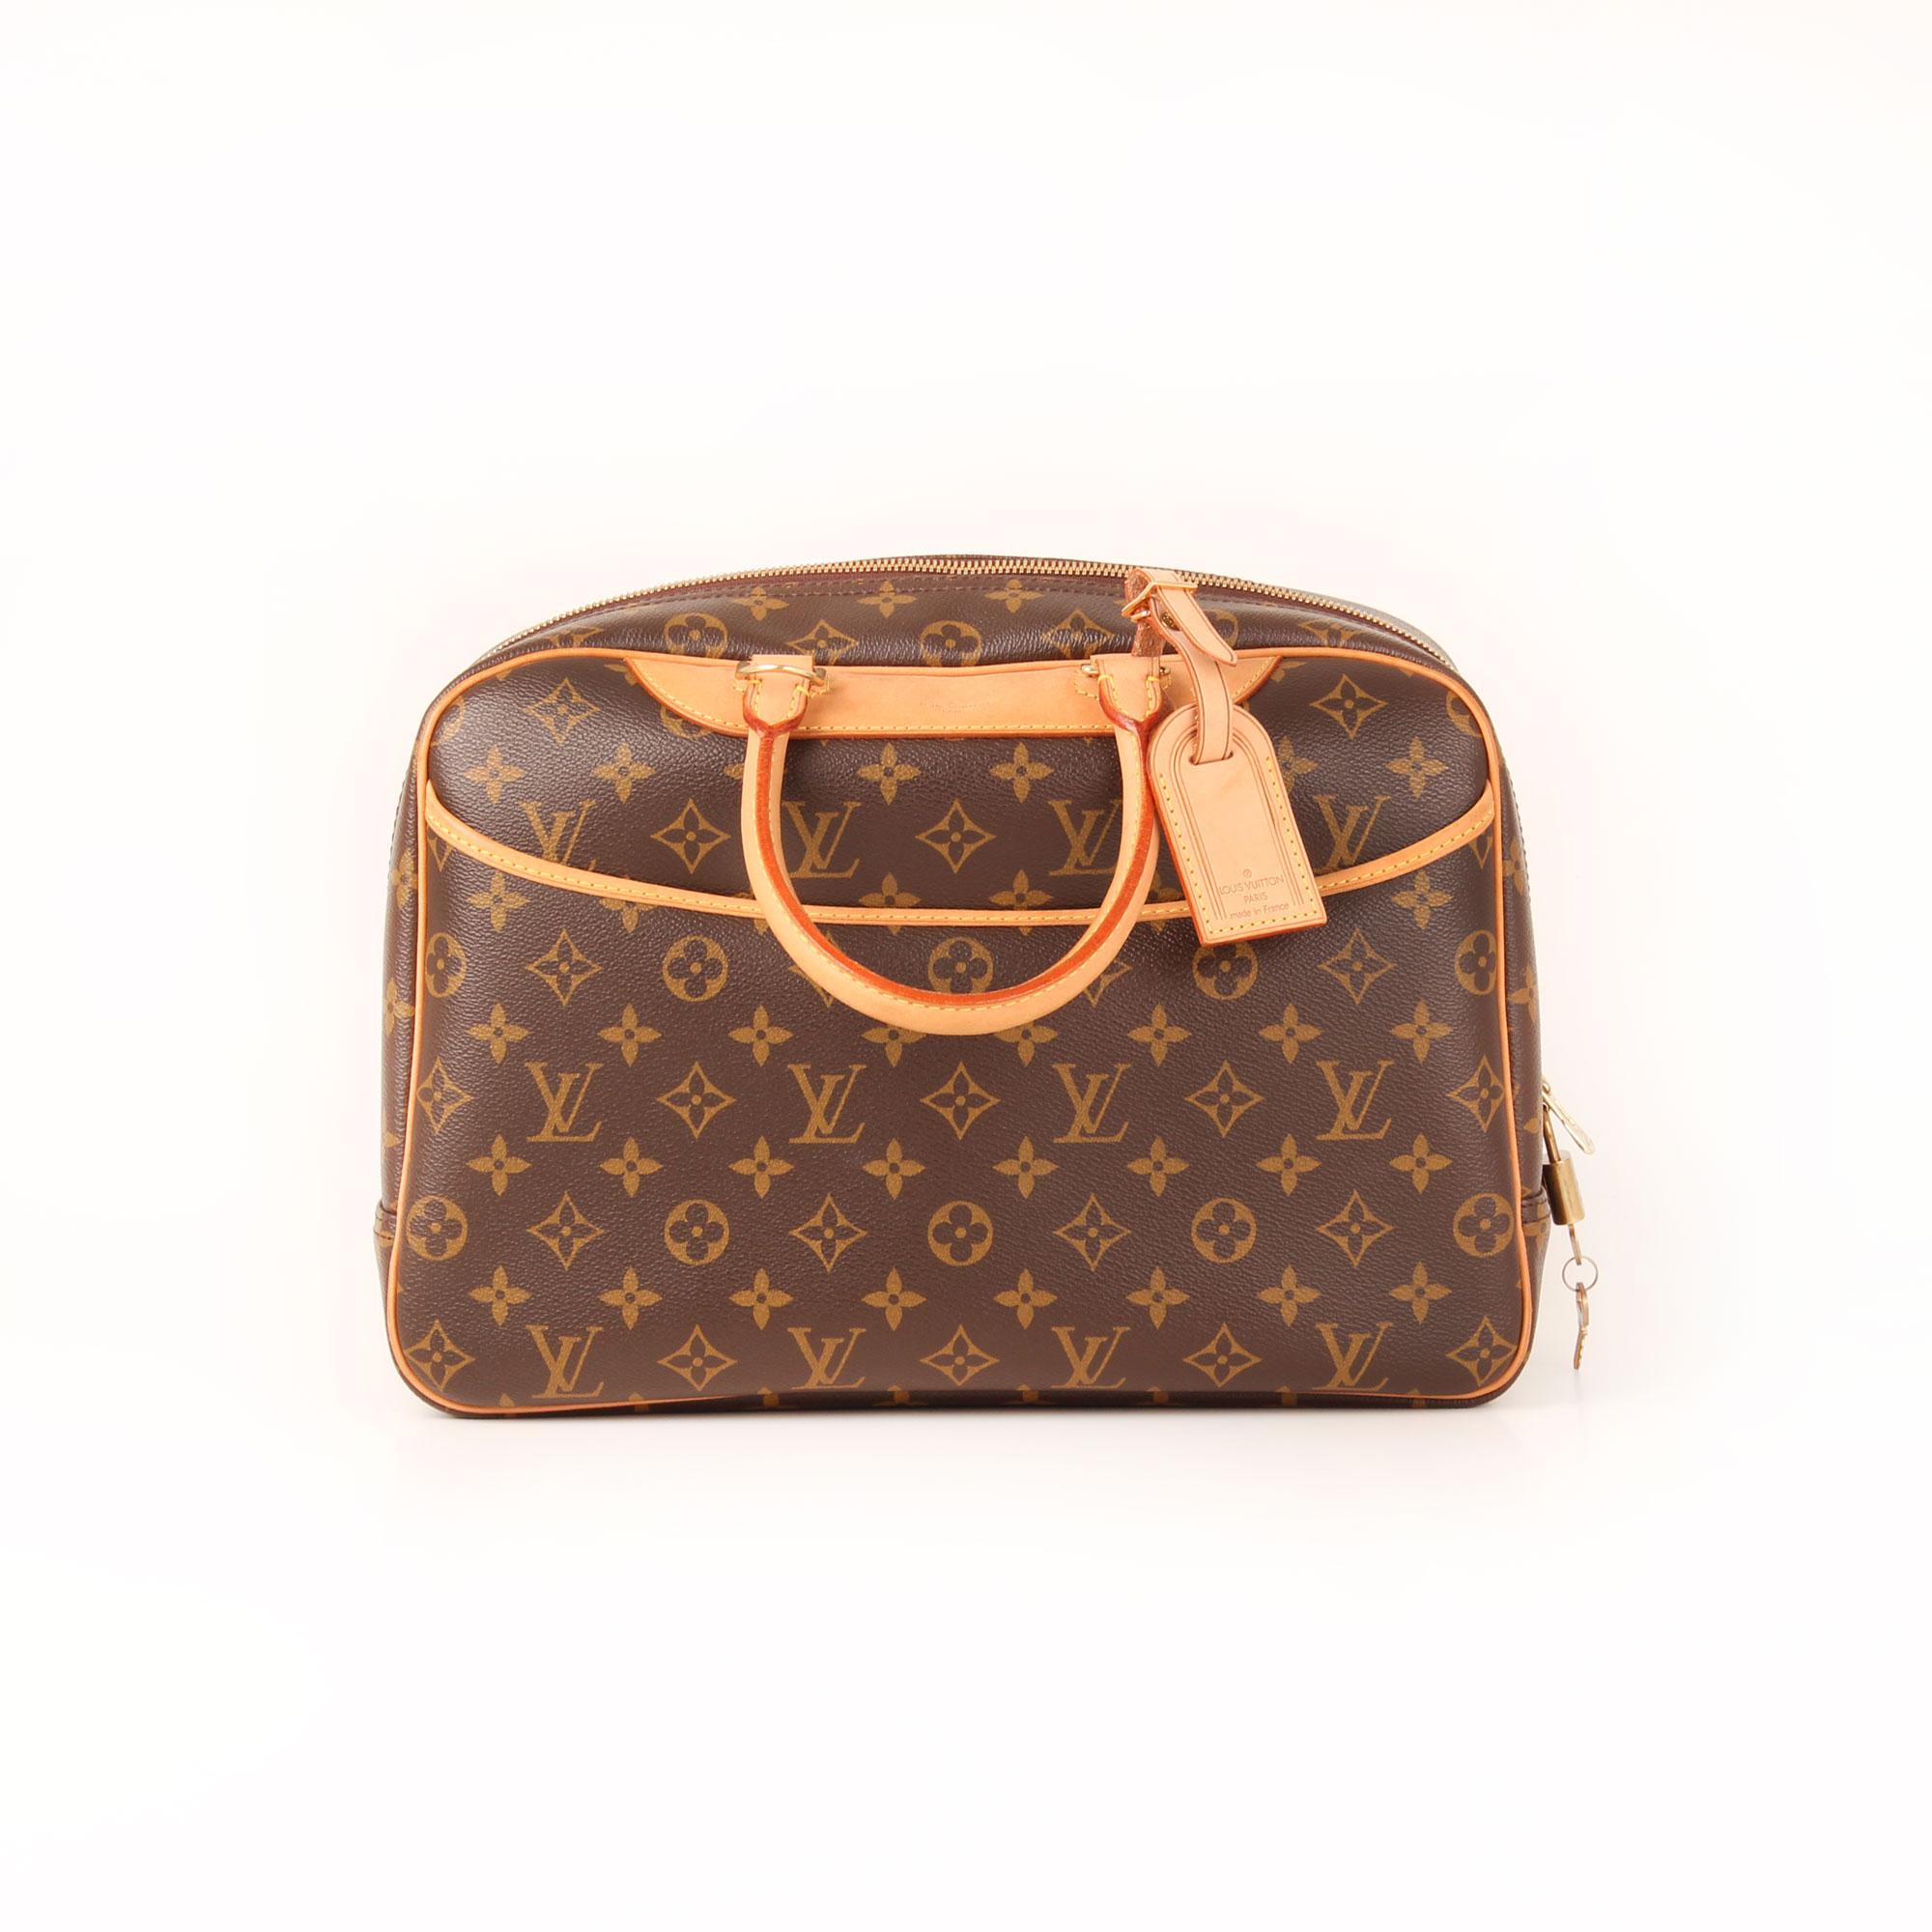 Louis Vuitton Deauville Monogram Bag Cbl Bags